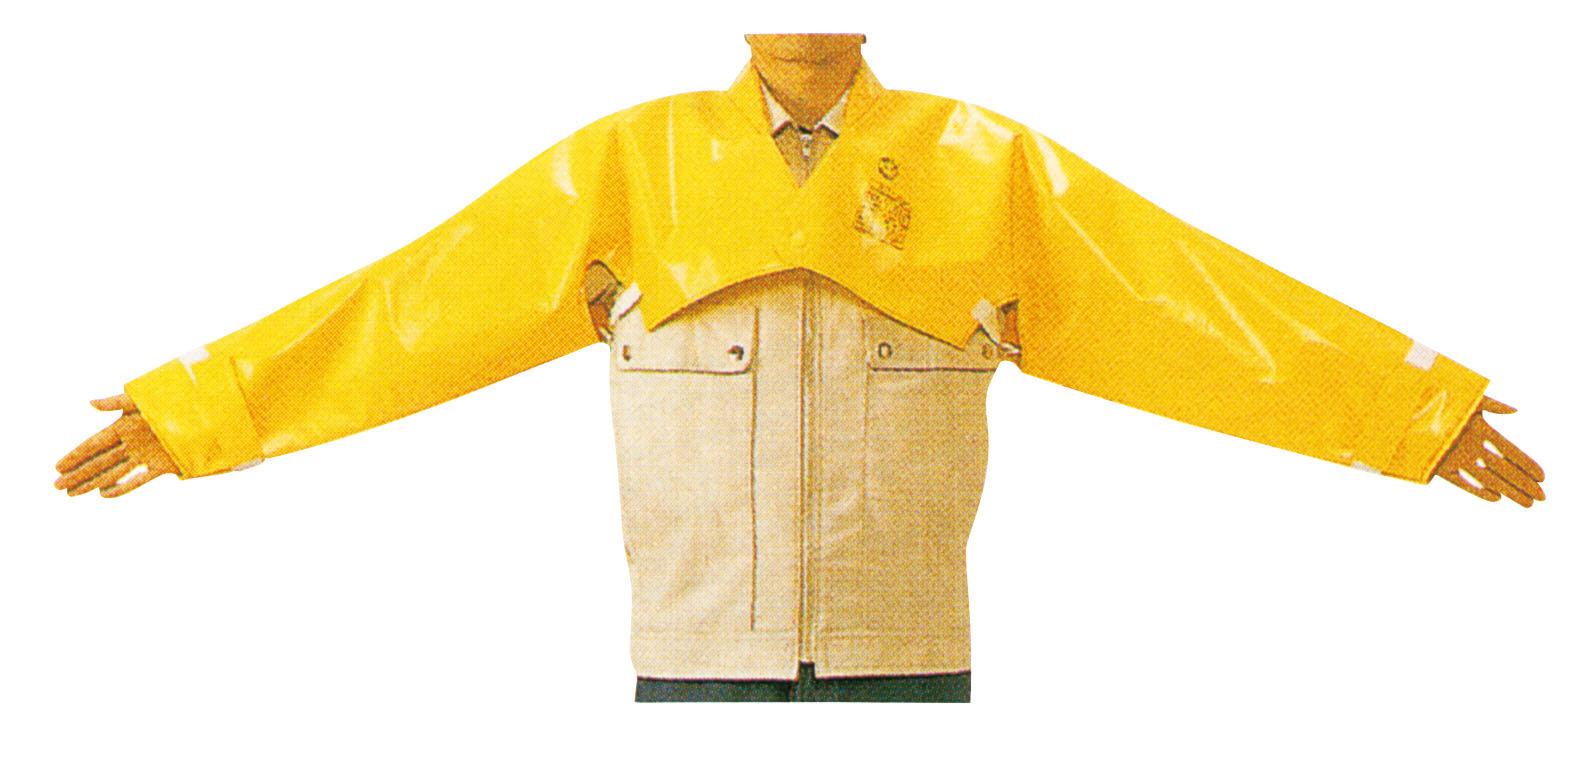 絶縁上衣(一般型)